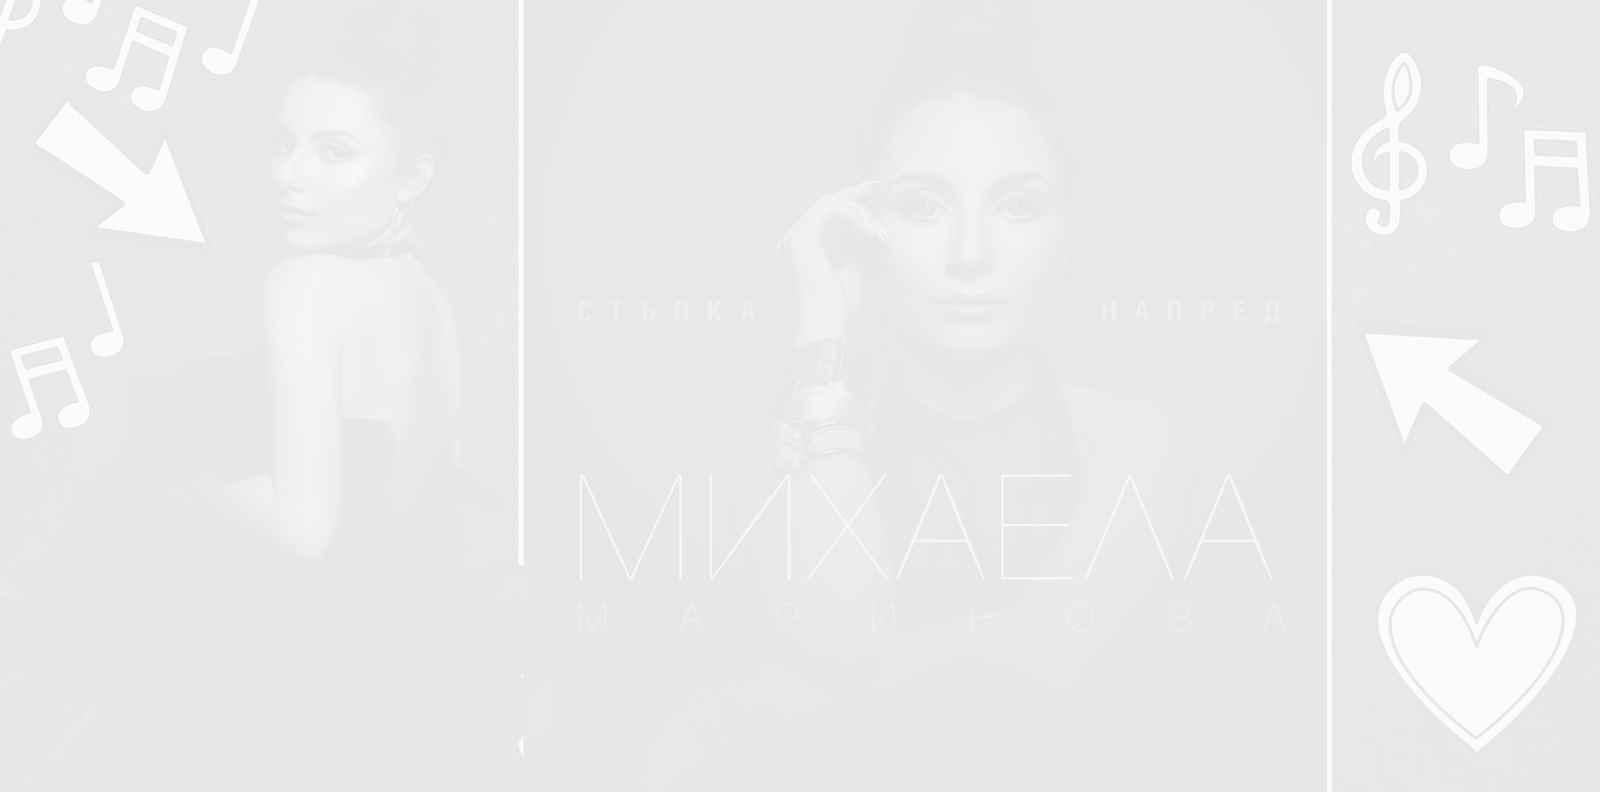 """Михаела Маринова прави """"Стъпка напред"""" с дебютния си албум"""